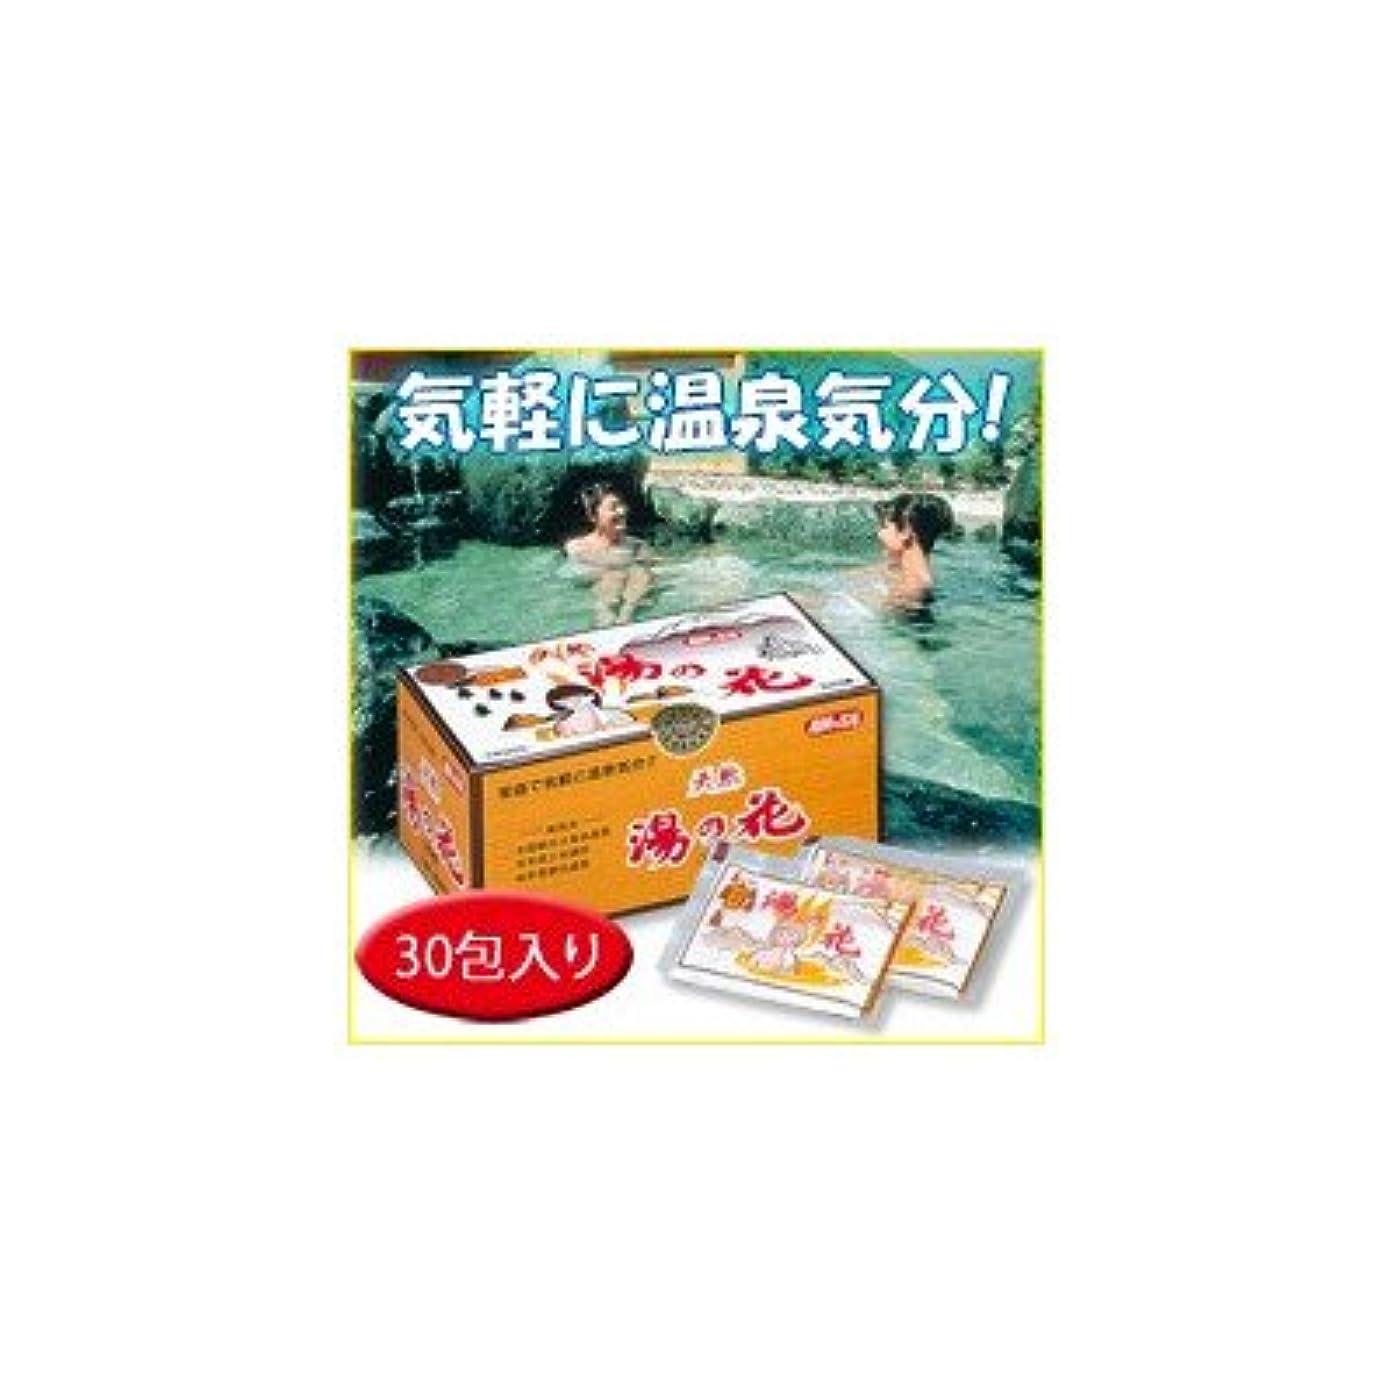 ヘロインママ子豚天然湯の花(30包入り)